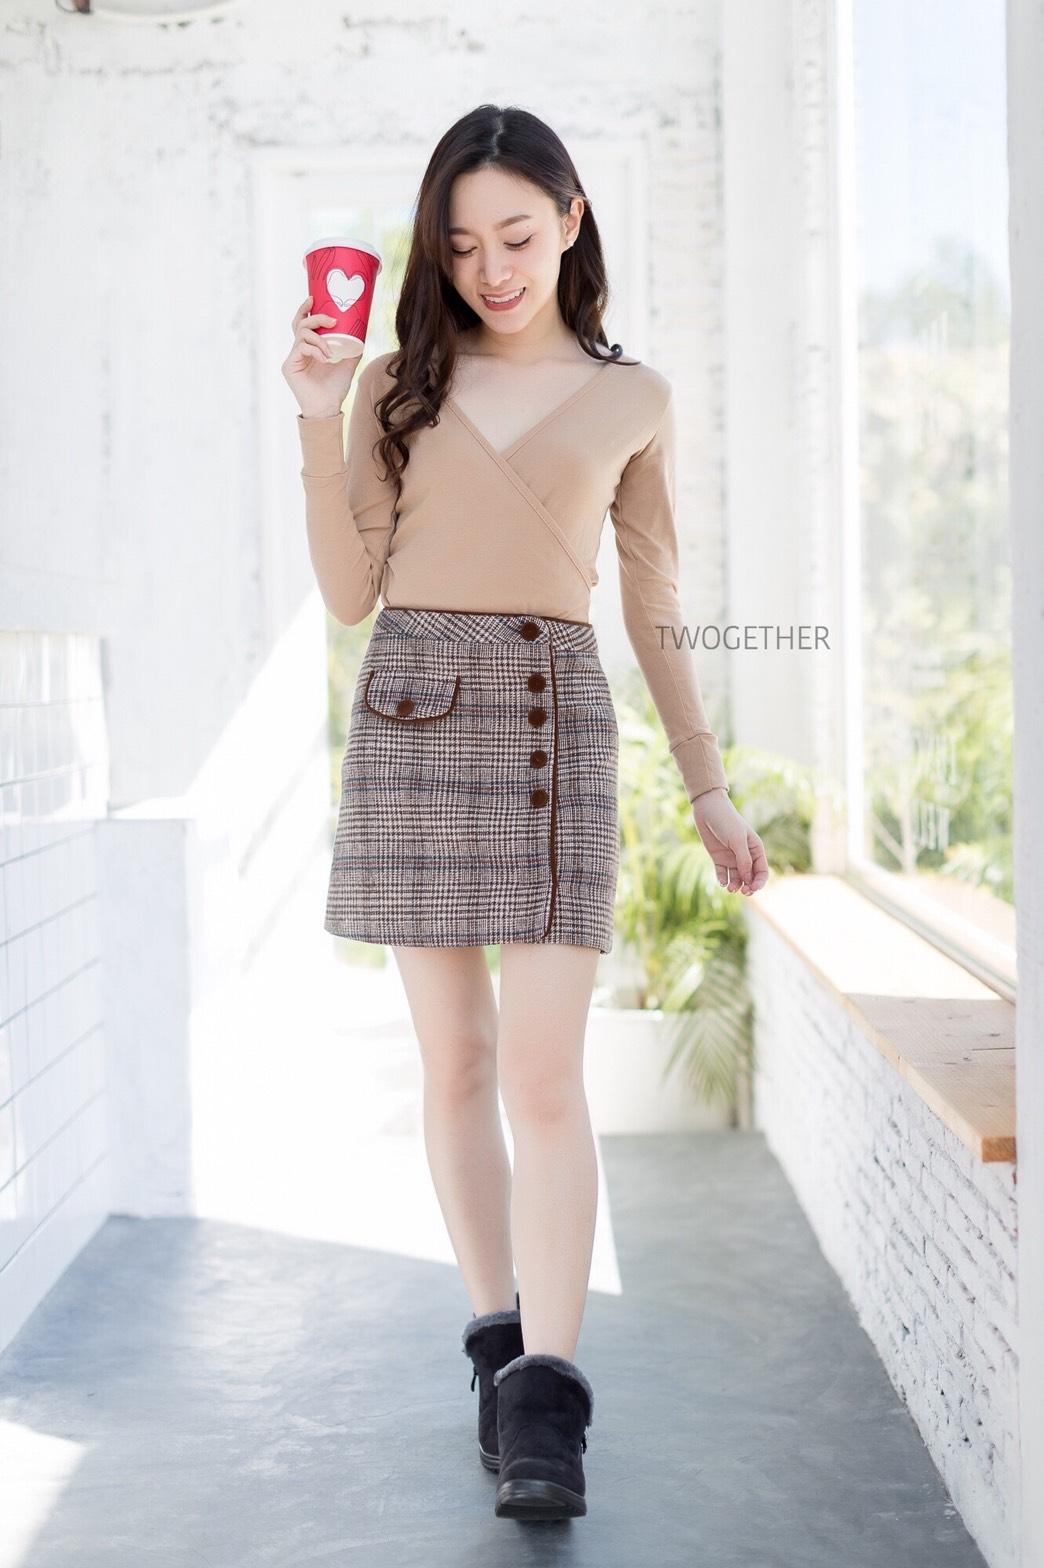 เสื้อผ้าเกาหลีพร้อมส่ง เสื้อไขว้หน้าทรงสวย ผ้าเนื้อดี